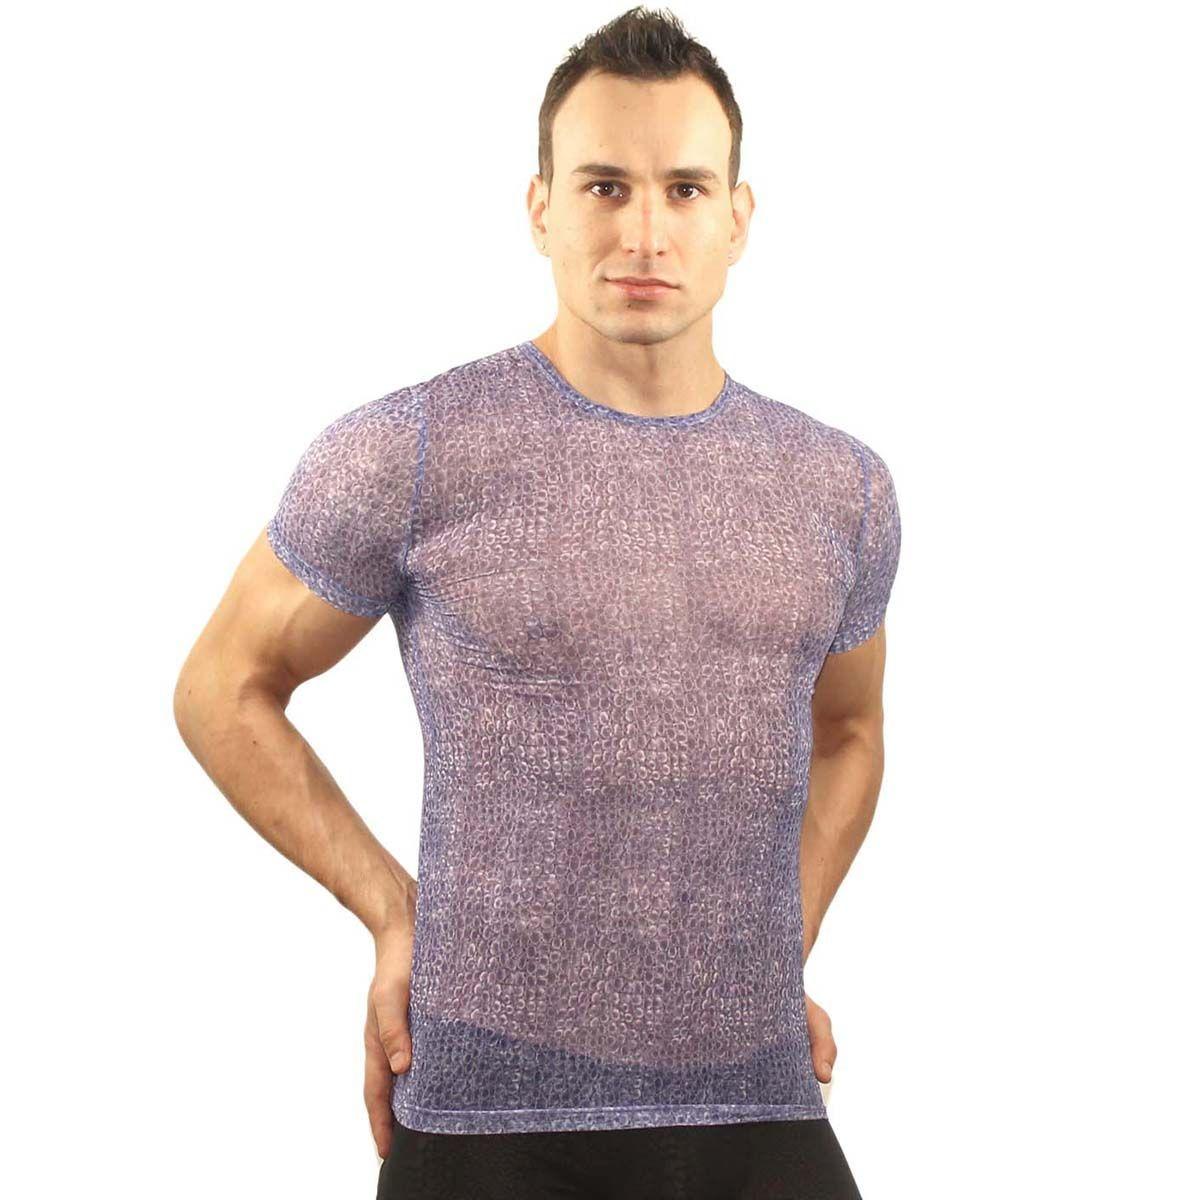 Мужское белье: Фиолетовая облегающая футболка с рисунком-ячейками